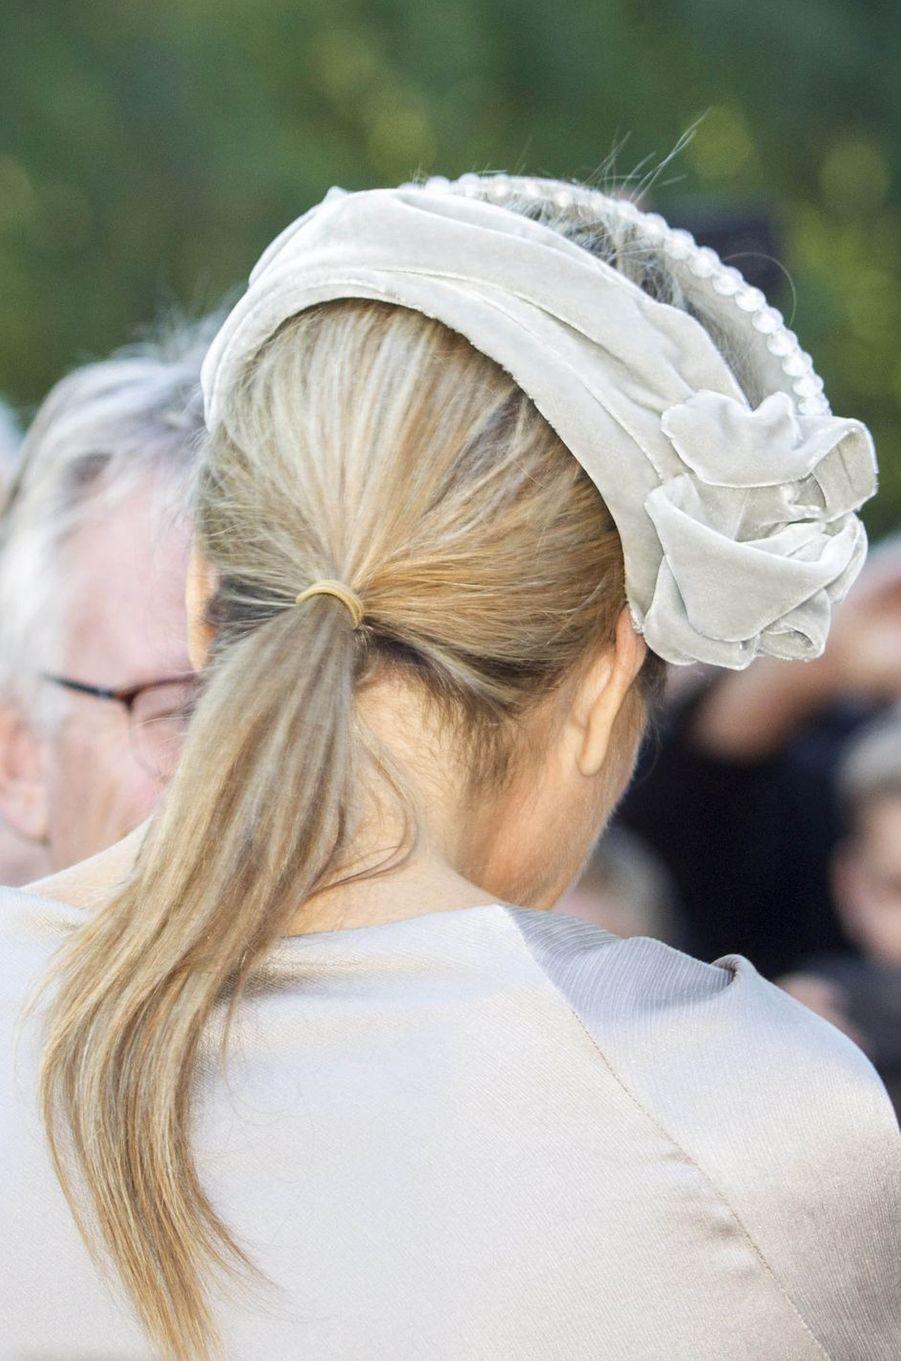 Le bandeau de la reine Maxima des Pays-Bas à Apeldoorn, le 5 octobre 2016